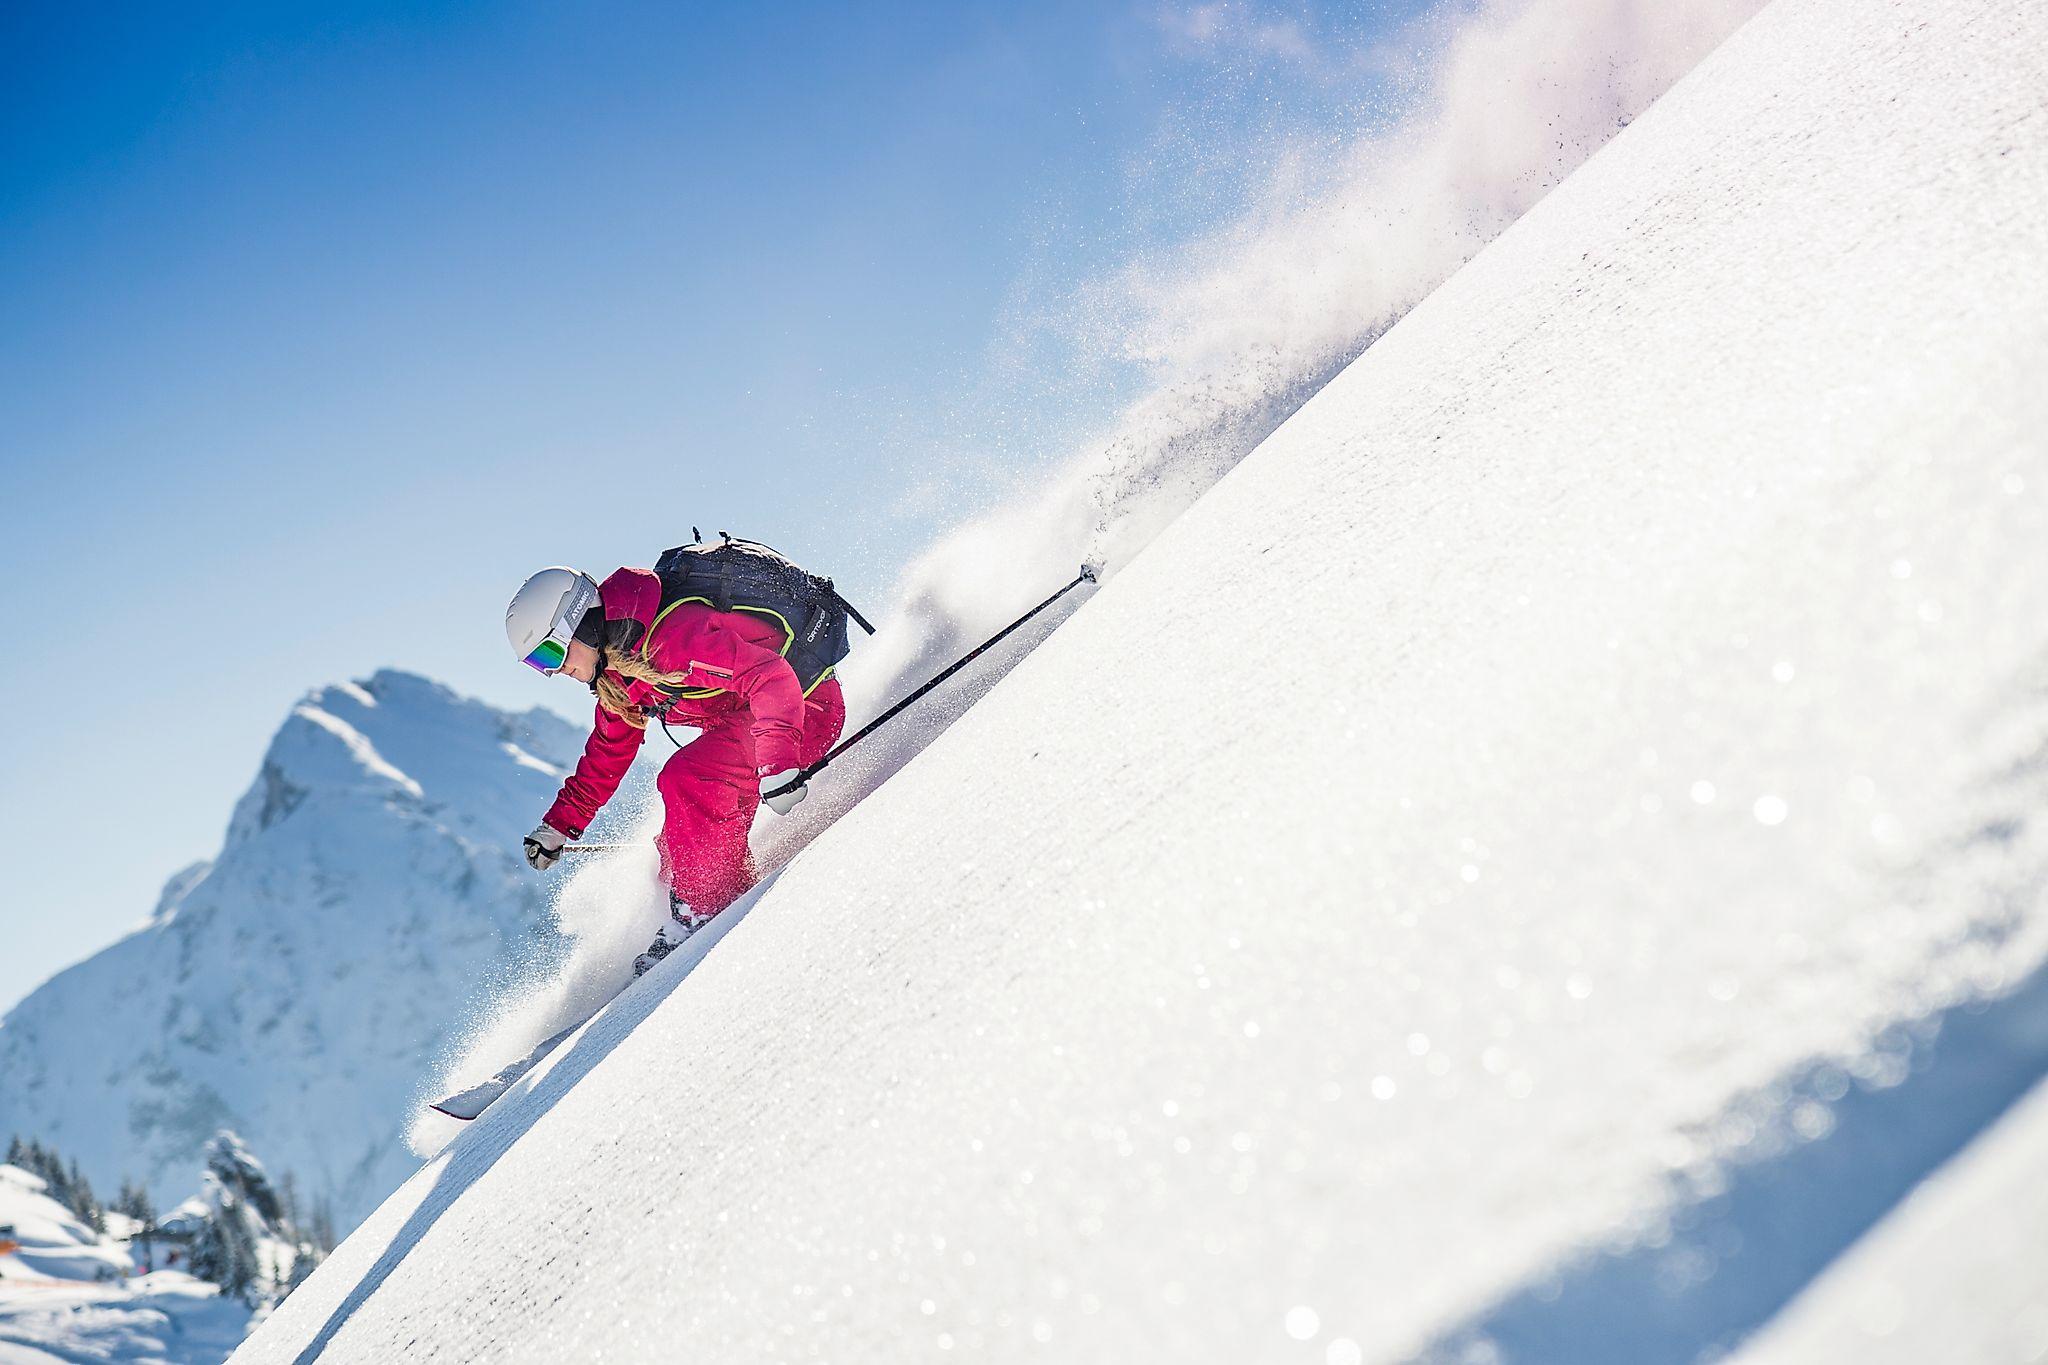 <p>Anspruchsvolle Hänge für alle Freerider bietet das Skigebiet Flachauwinkl-Zauchensee.</p>